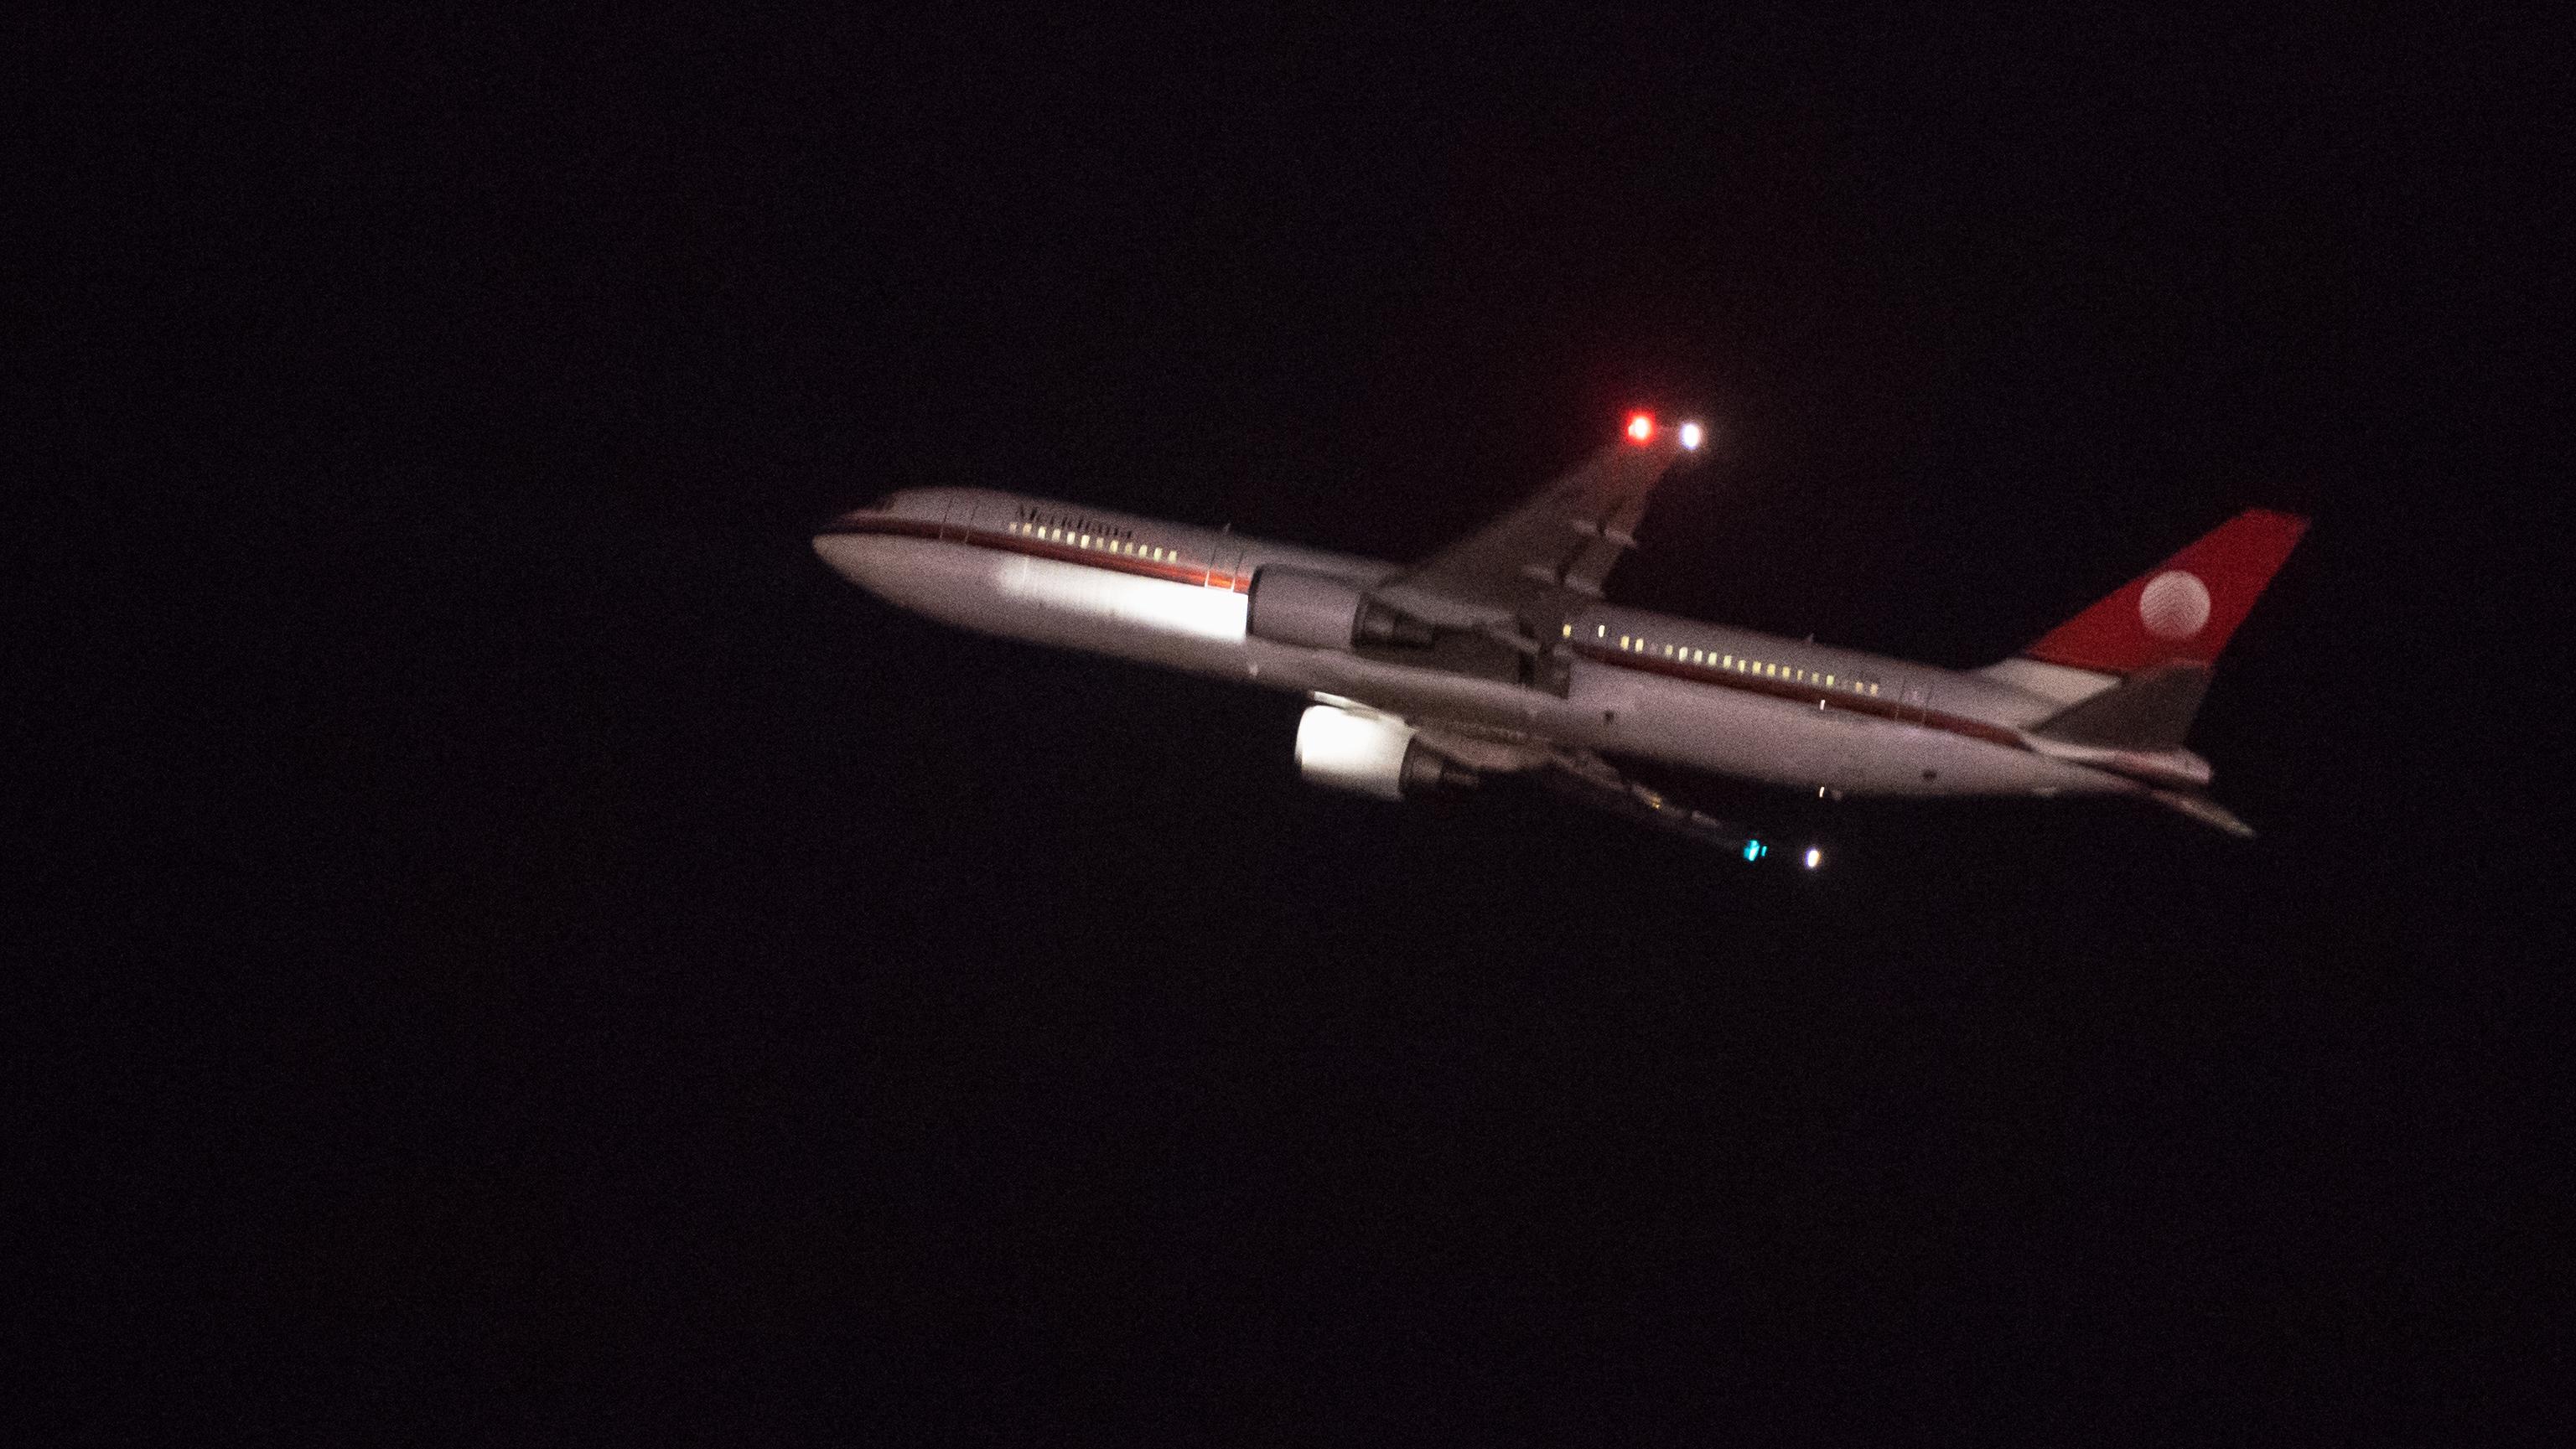 Flugzeug am Nachthimmel